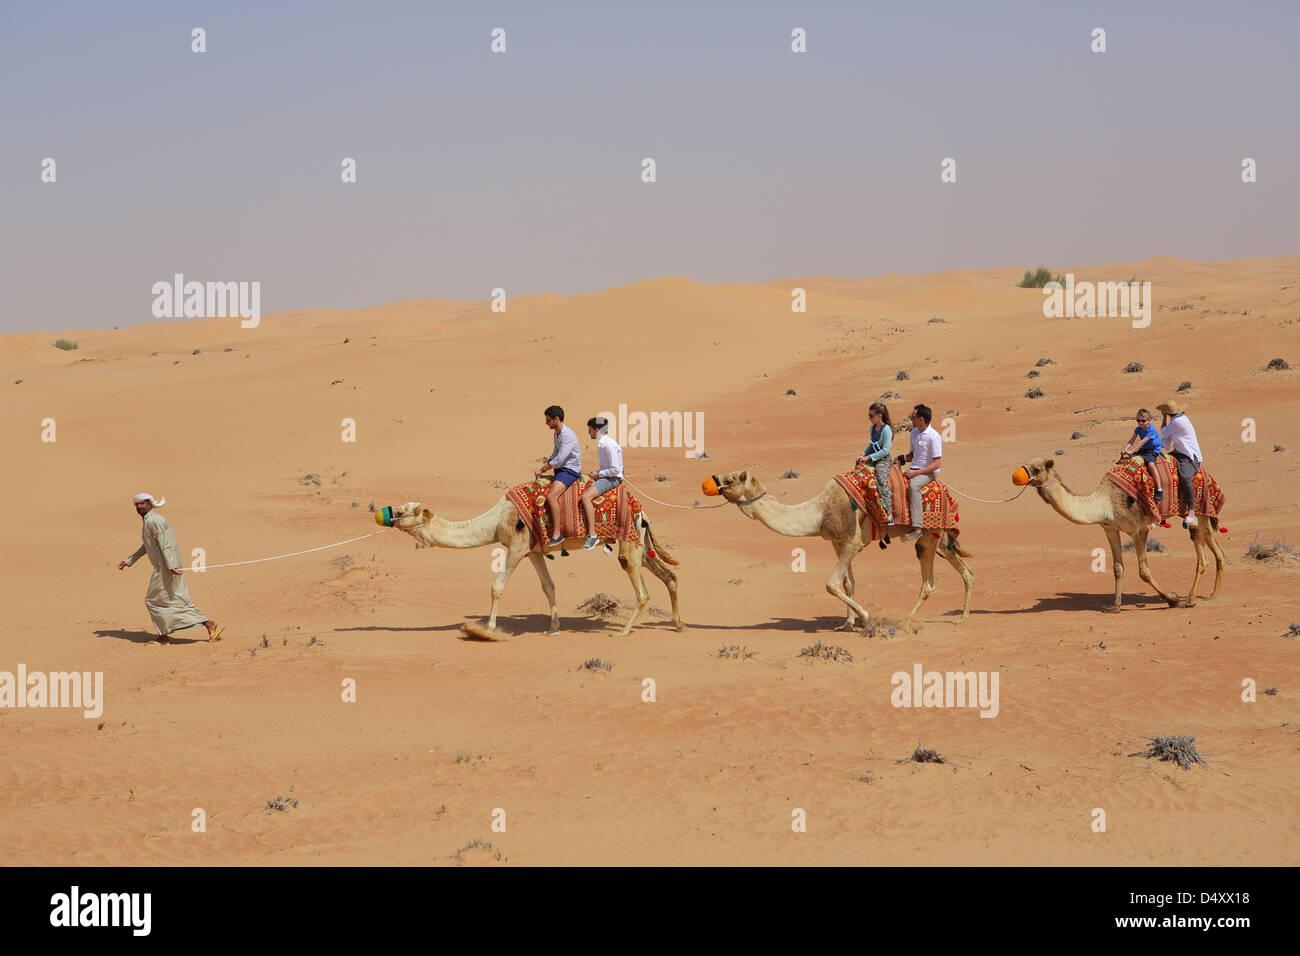 Les touristes chameaux dans le désert, Dubaï, Émirats Arabes Unis Photo Stock